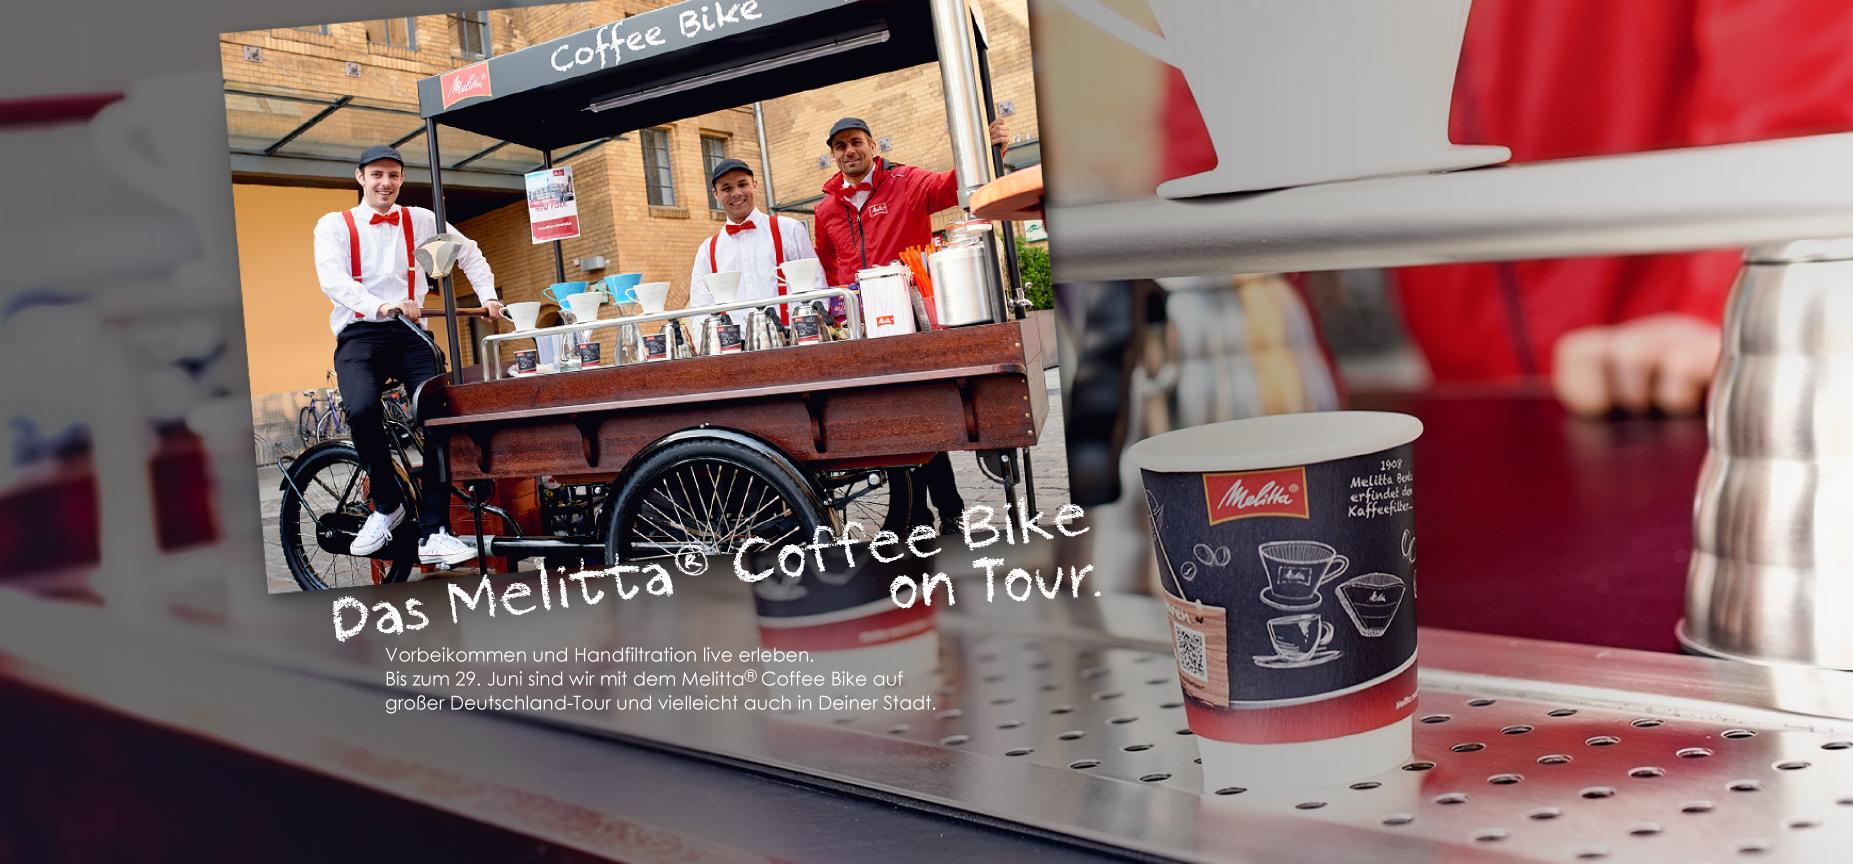 Melitta® Coffee Bike